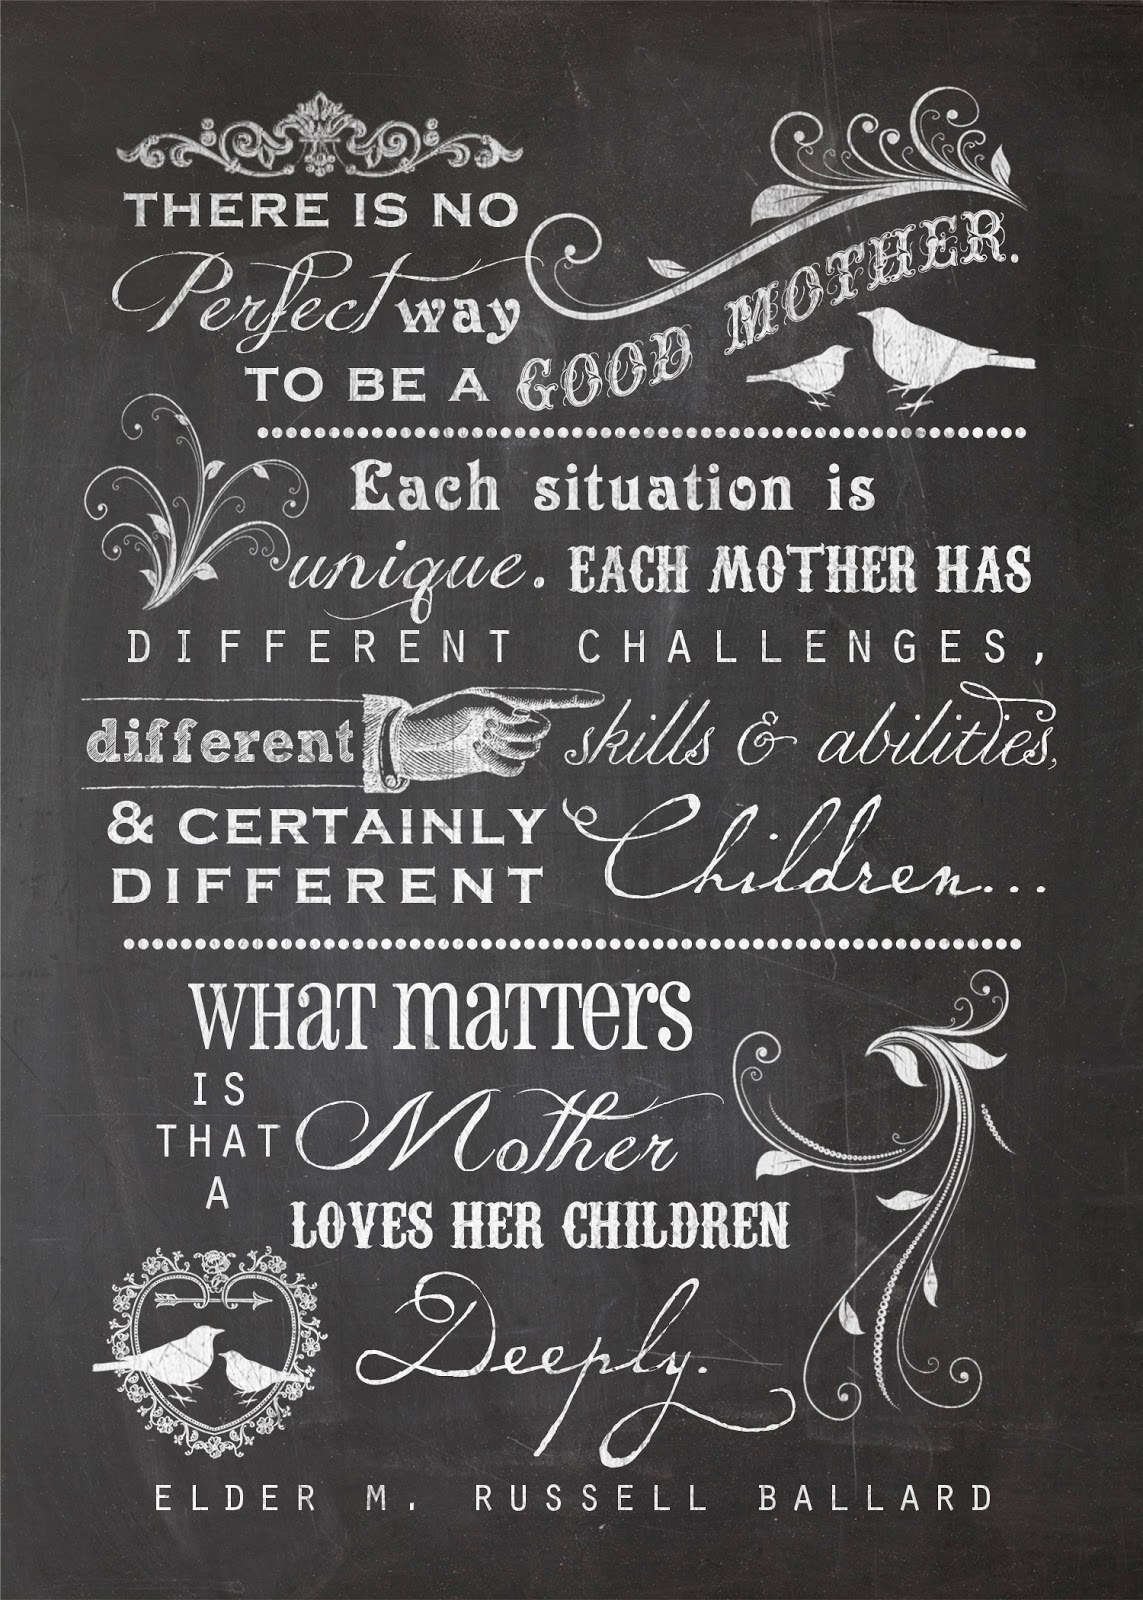 Mothersquote